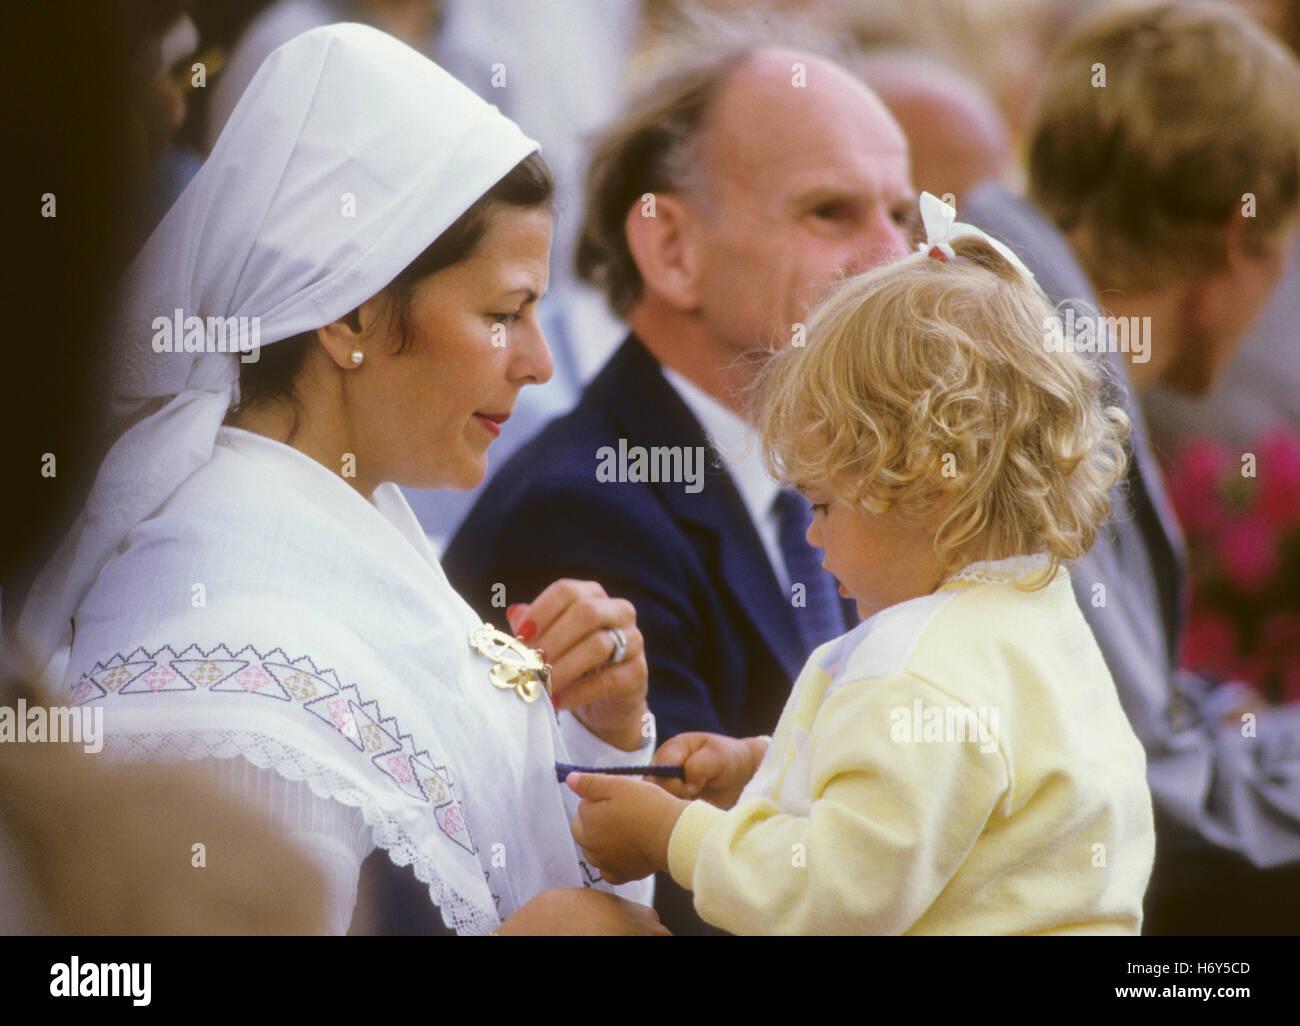 konigin-silvia-in-tracht-mit-prinzessin-madeleine-kronprinzessin-victorias-1986-in-borgholm-oland-geburtstag-h6y5cd.jpg